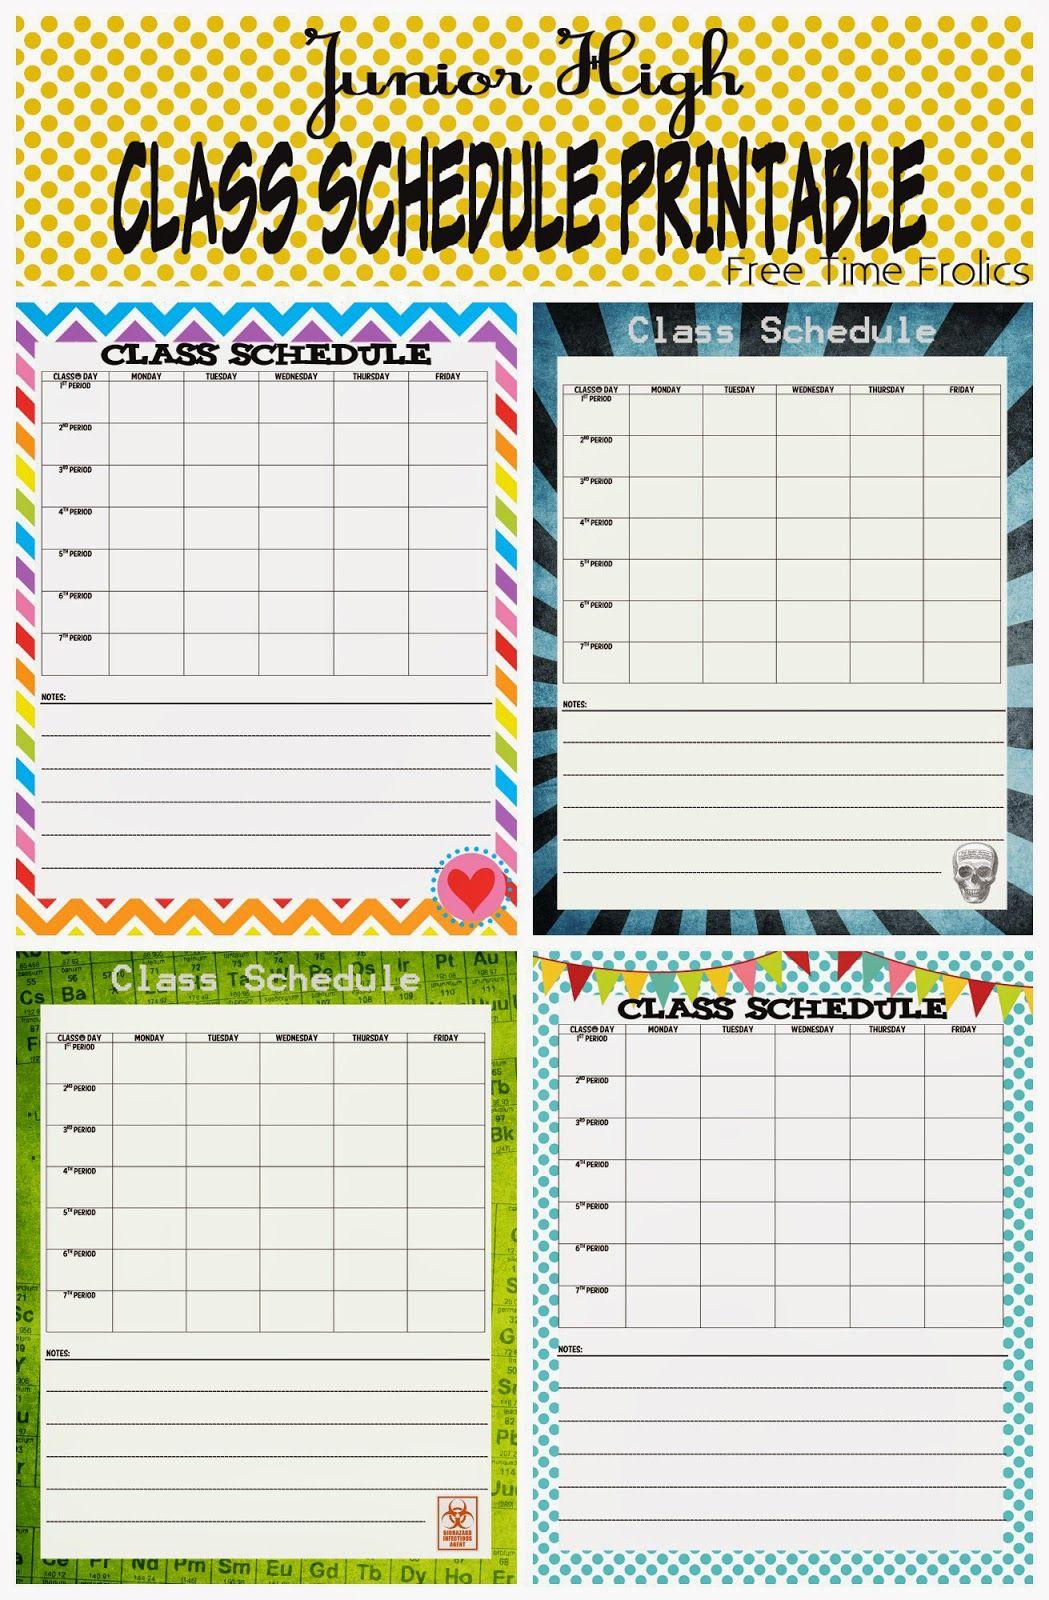 Junior High Class Schedule Printable | School Schedule